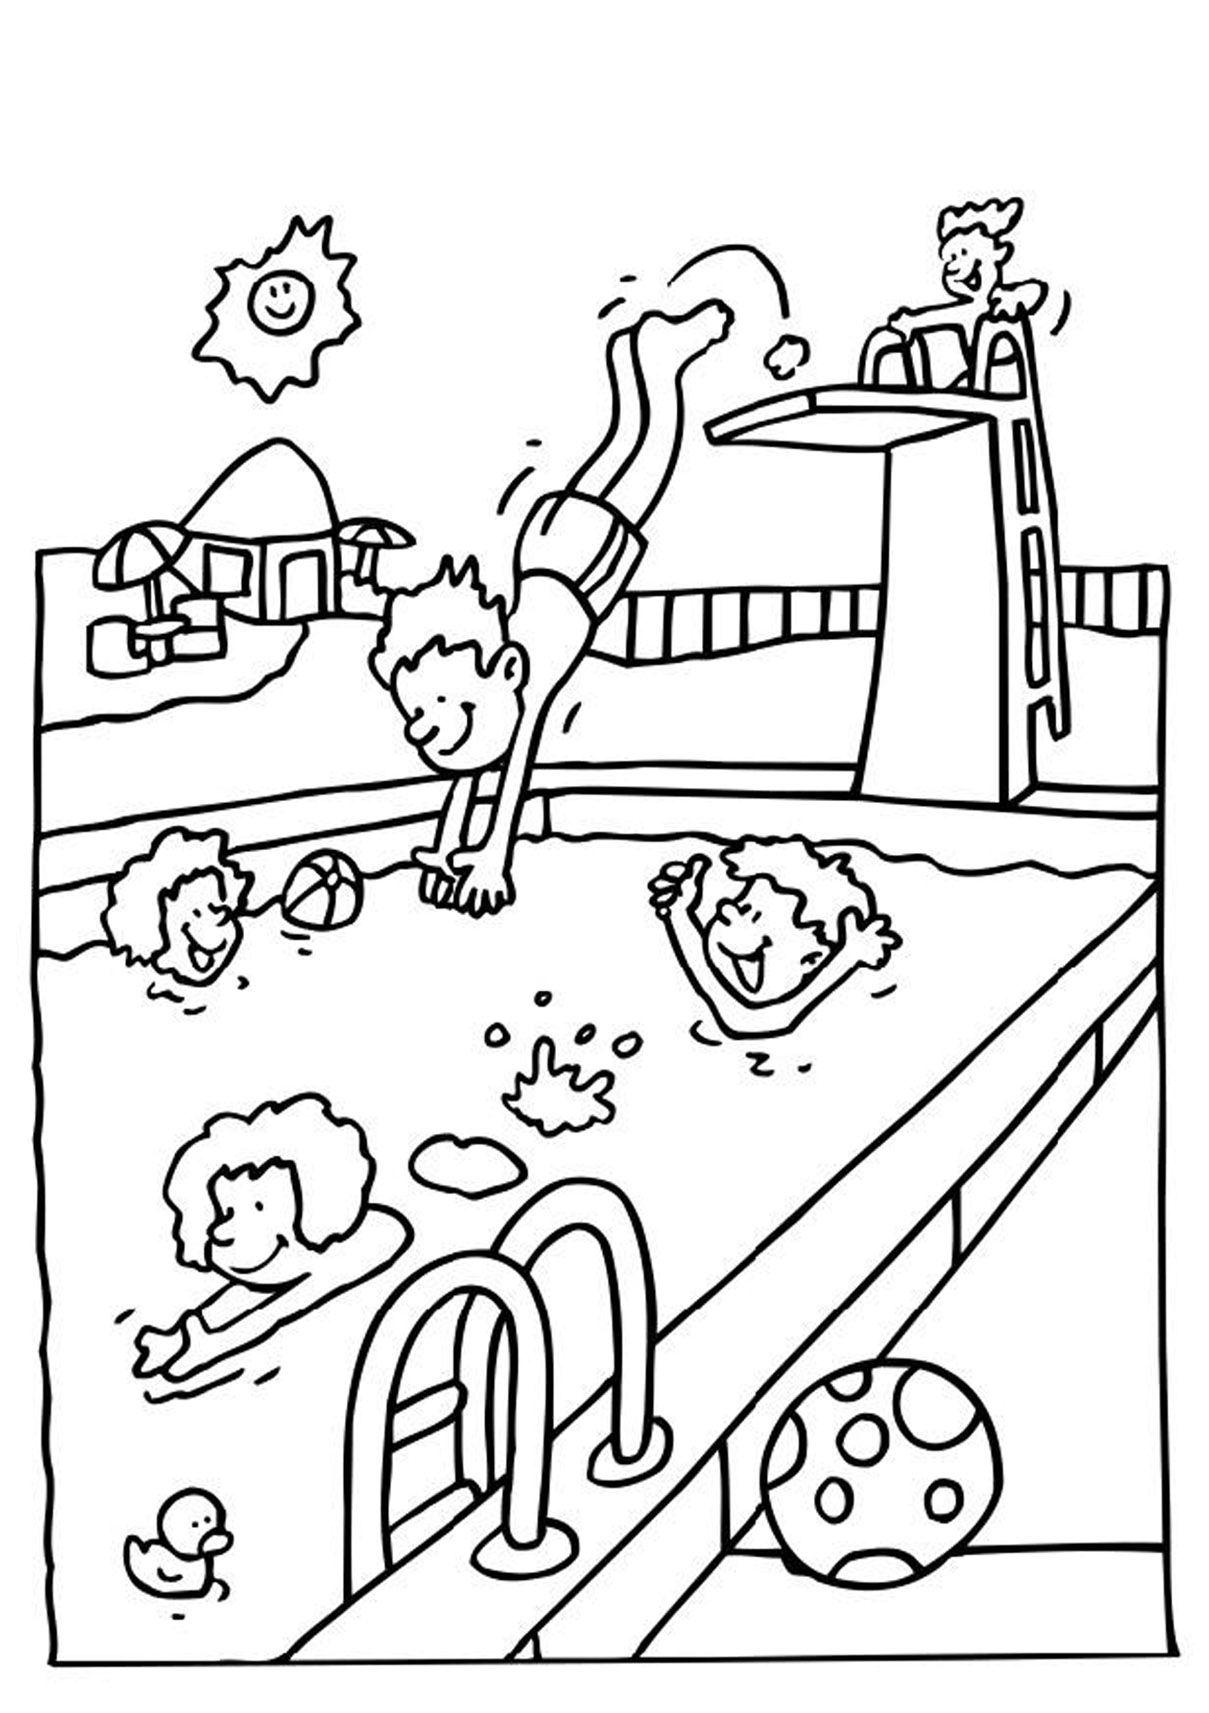 Coloriage Jeux à la piscine et dessin à colorier Jeux à la